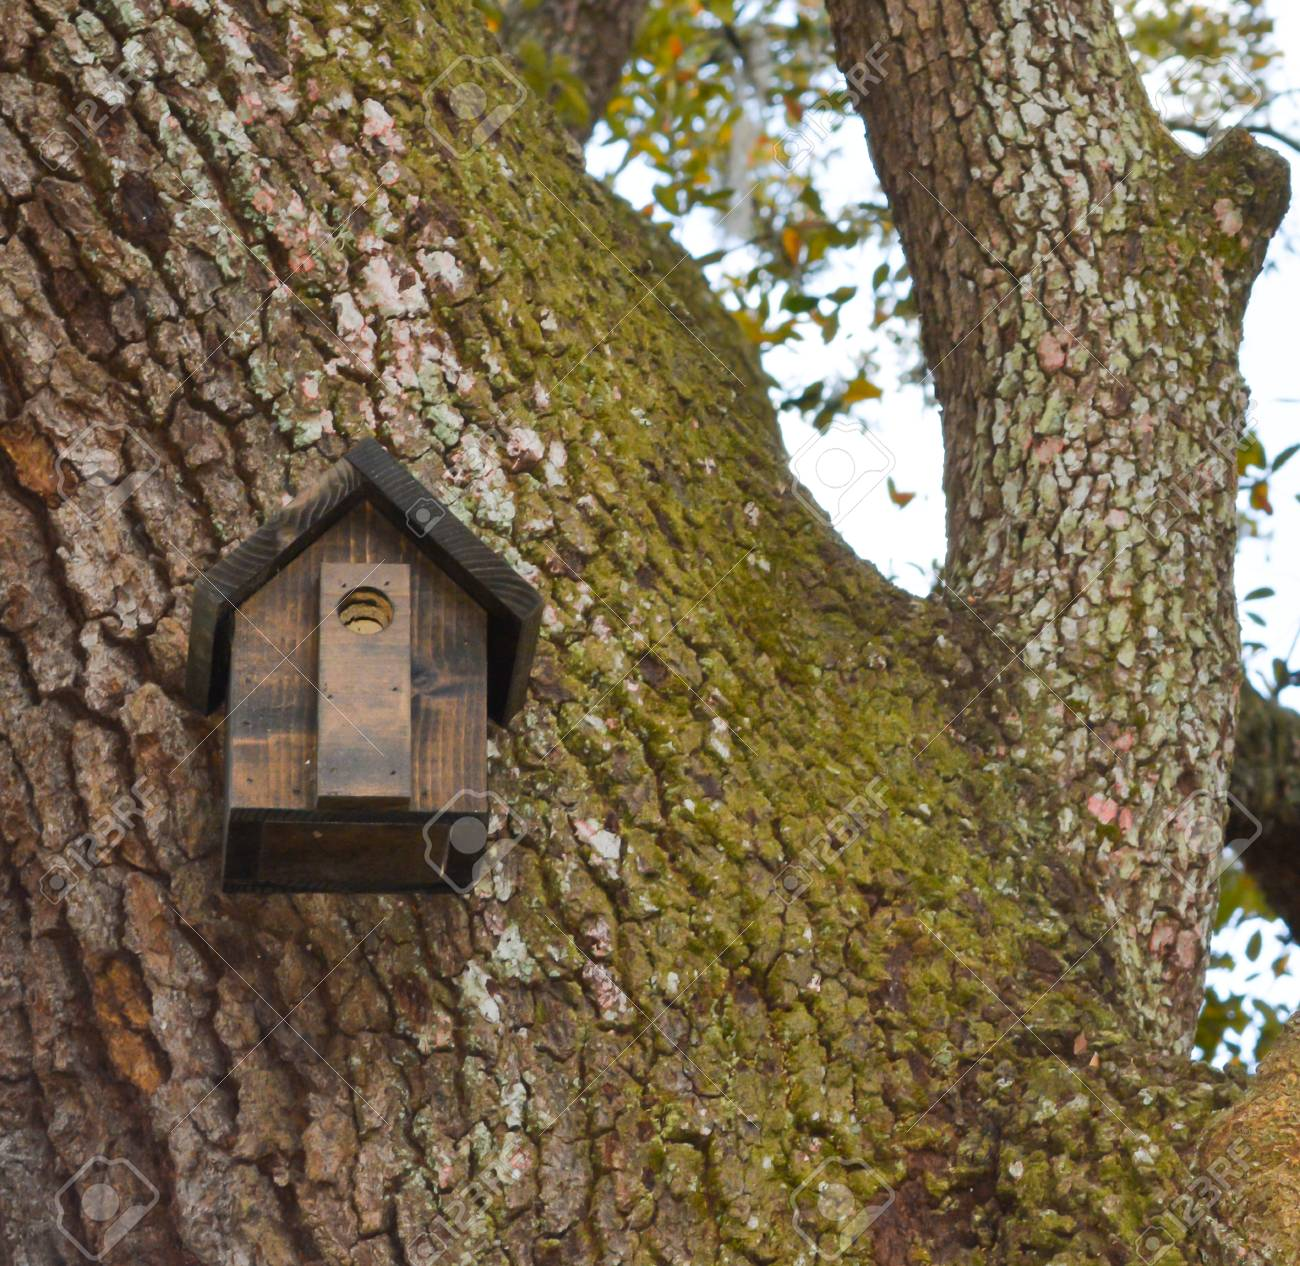 Bird House At Mead Botanical Garden In Orlando, Florida Stock Photo ...